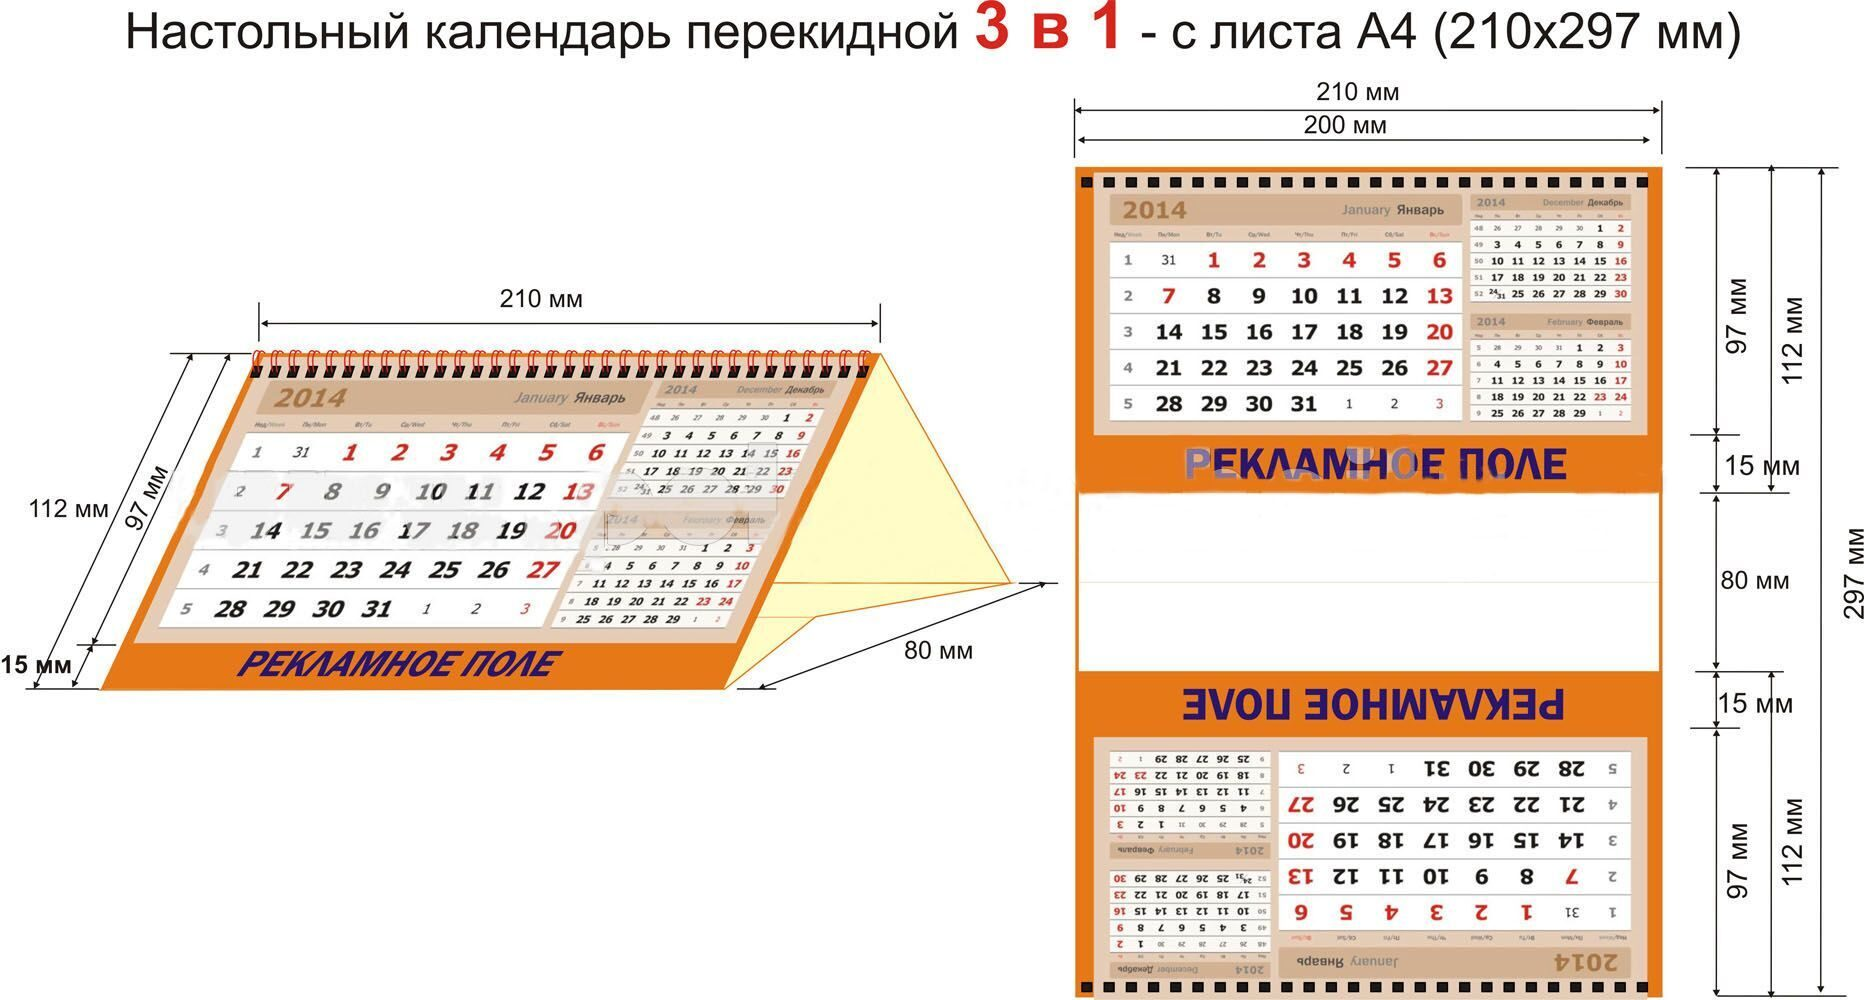 Как сделать календарь домик перекидной